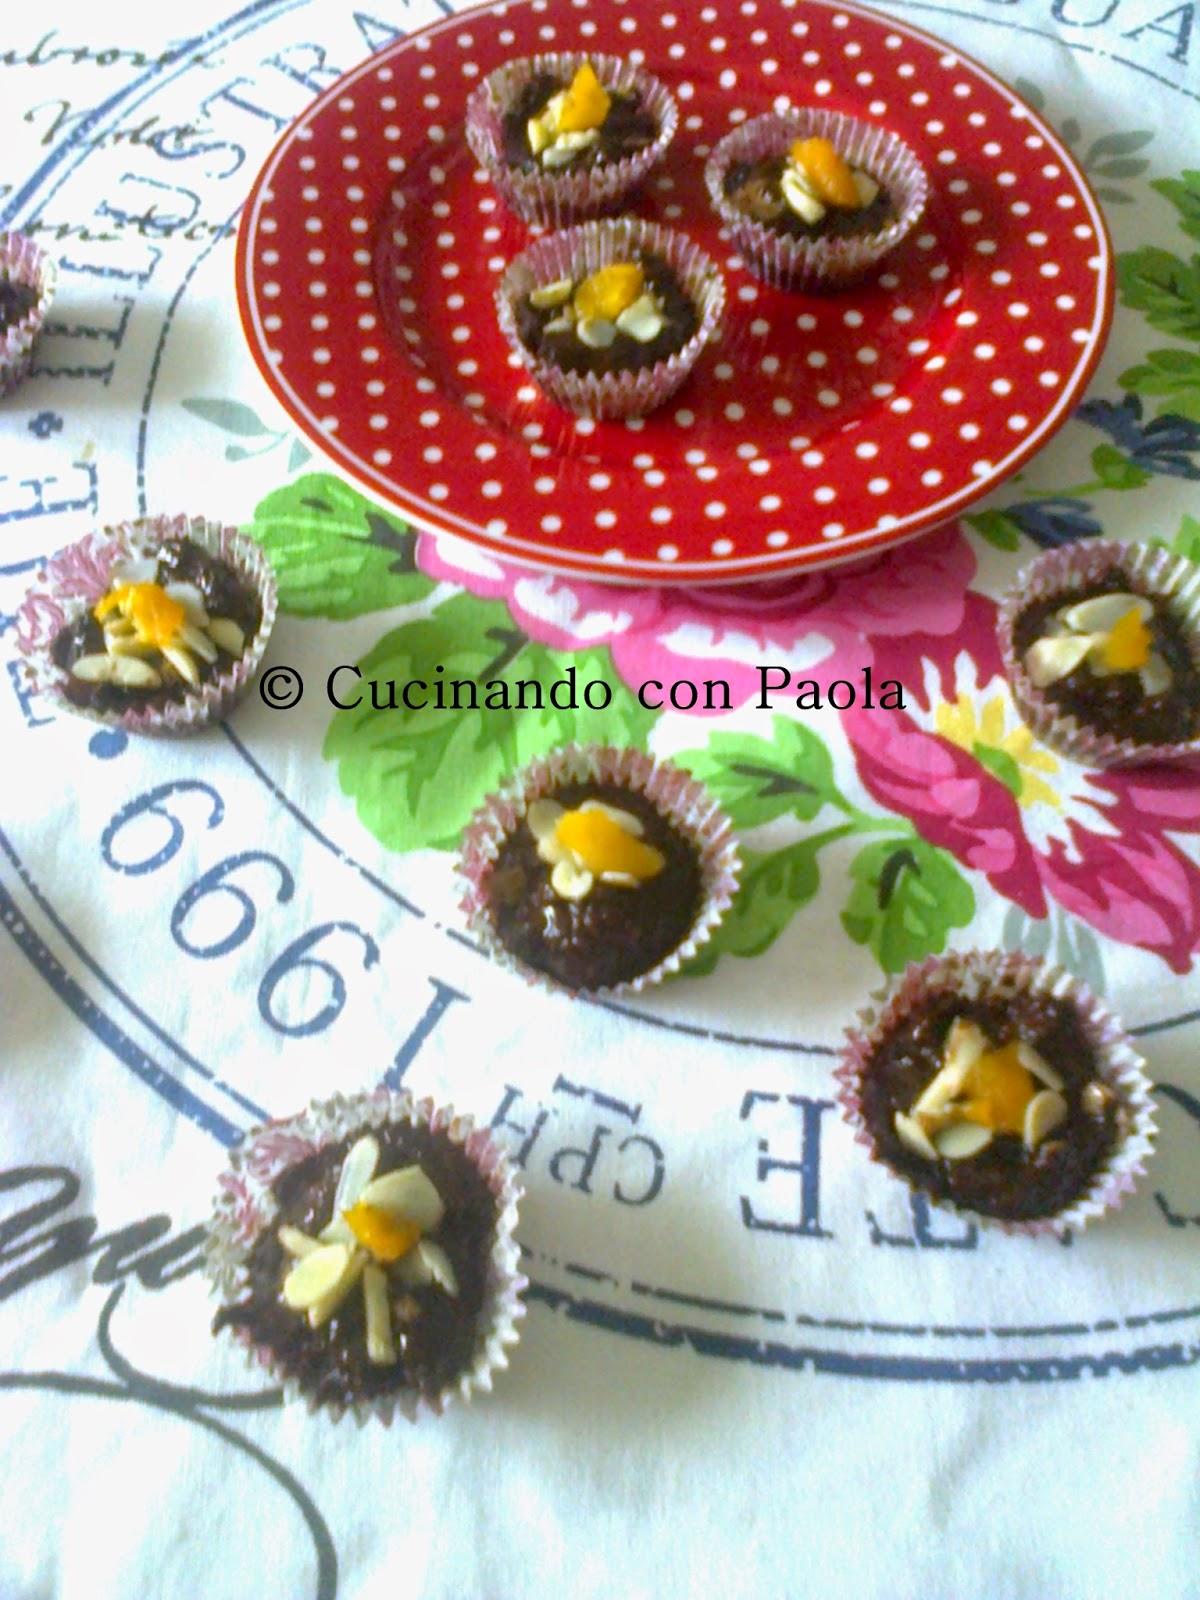 cioccolatini di albicocche e mandorle